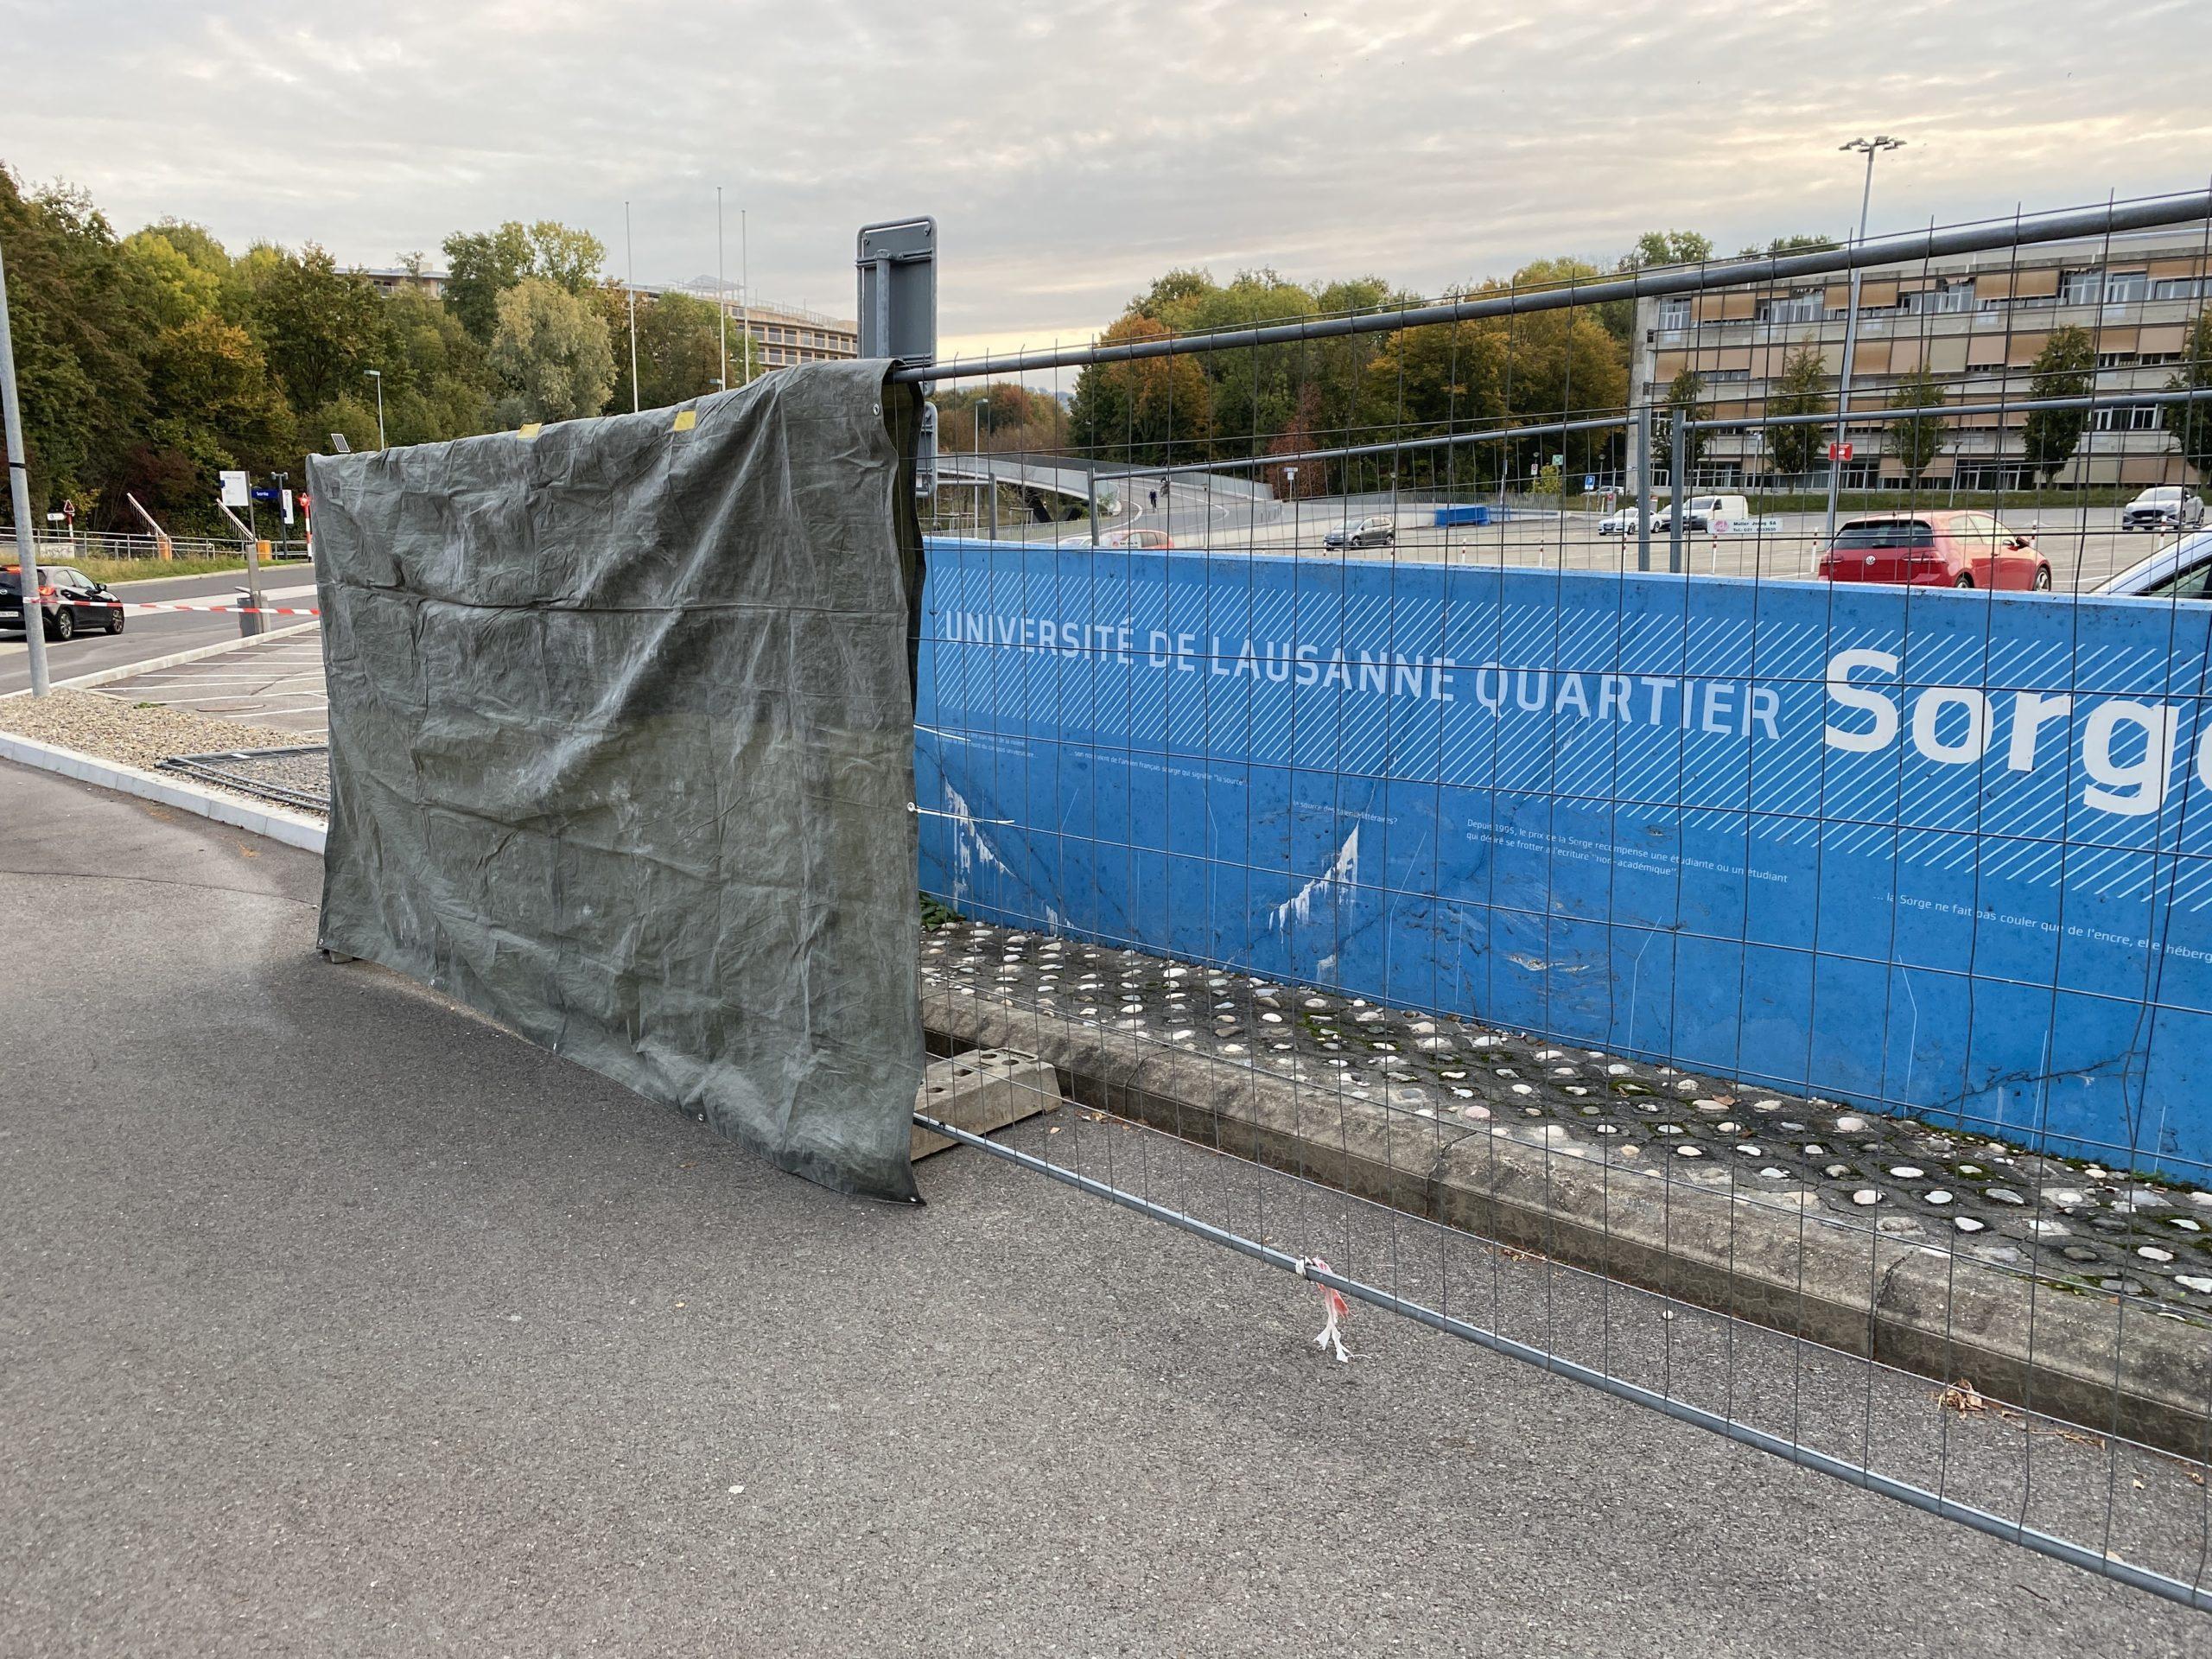 Pose de barrière de chantier pour protéger des projections d'abrasif